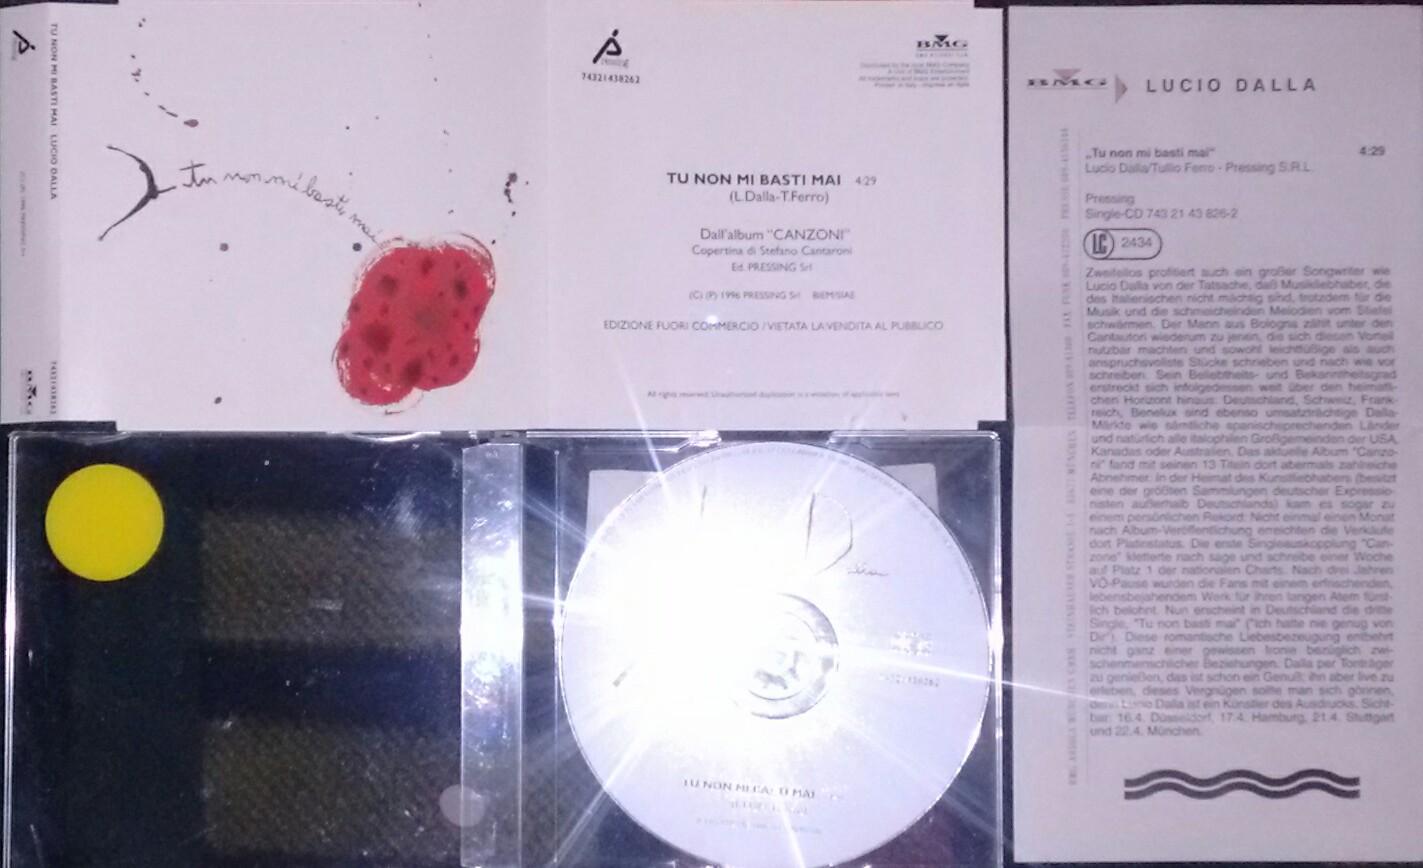 LUCIO DALLA - TU NON MI BASTI MAI (CDS 1 TR)